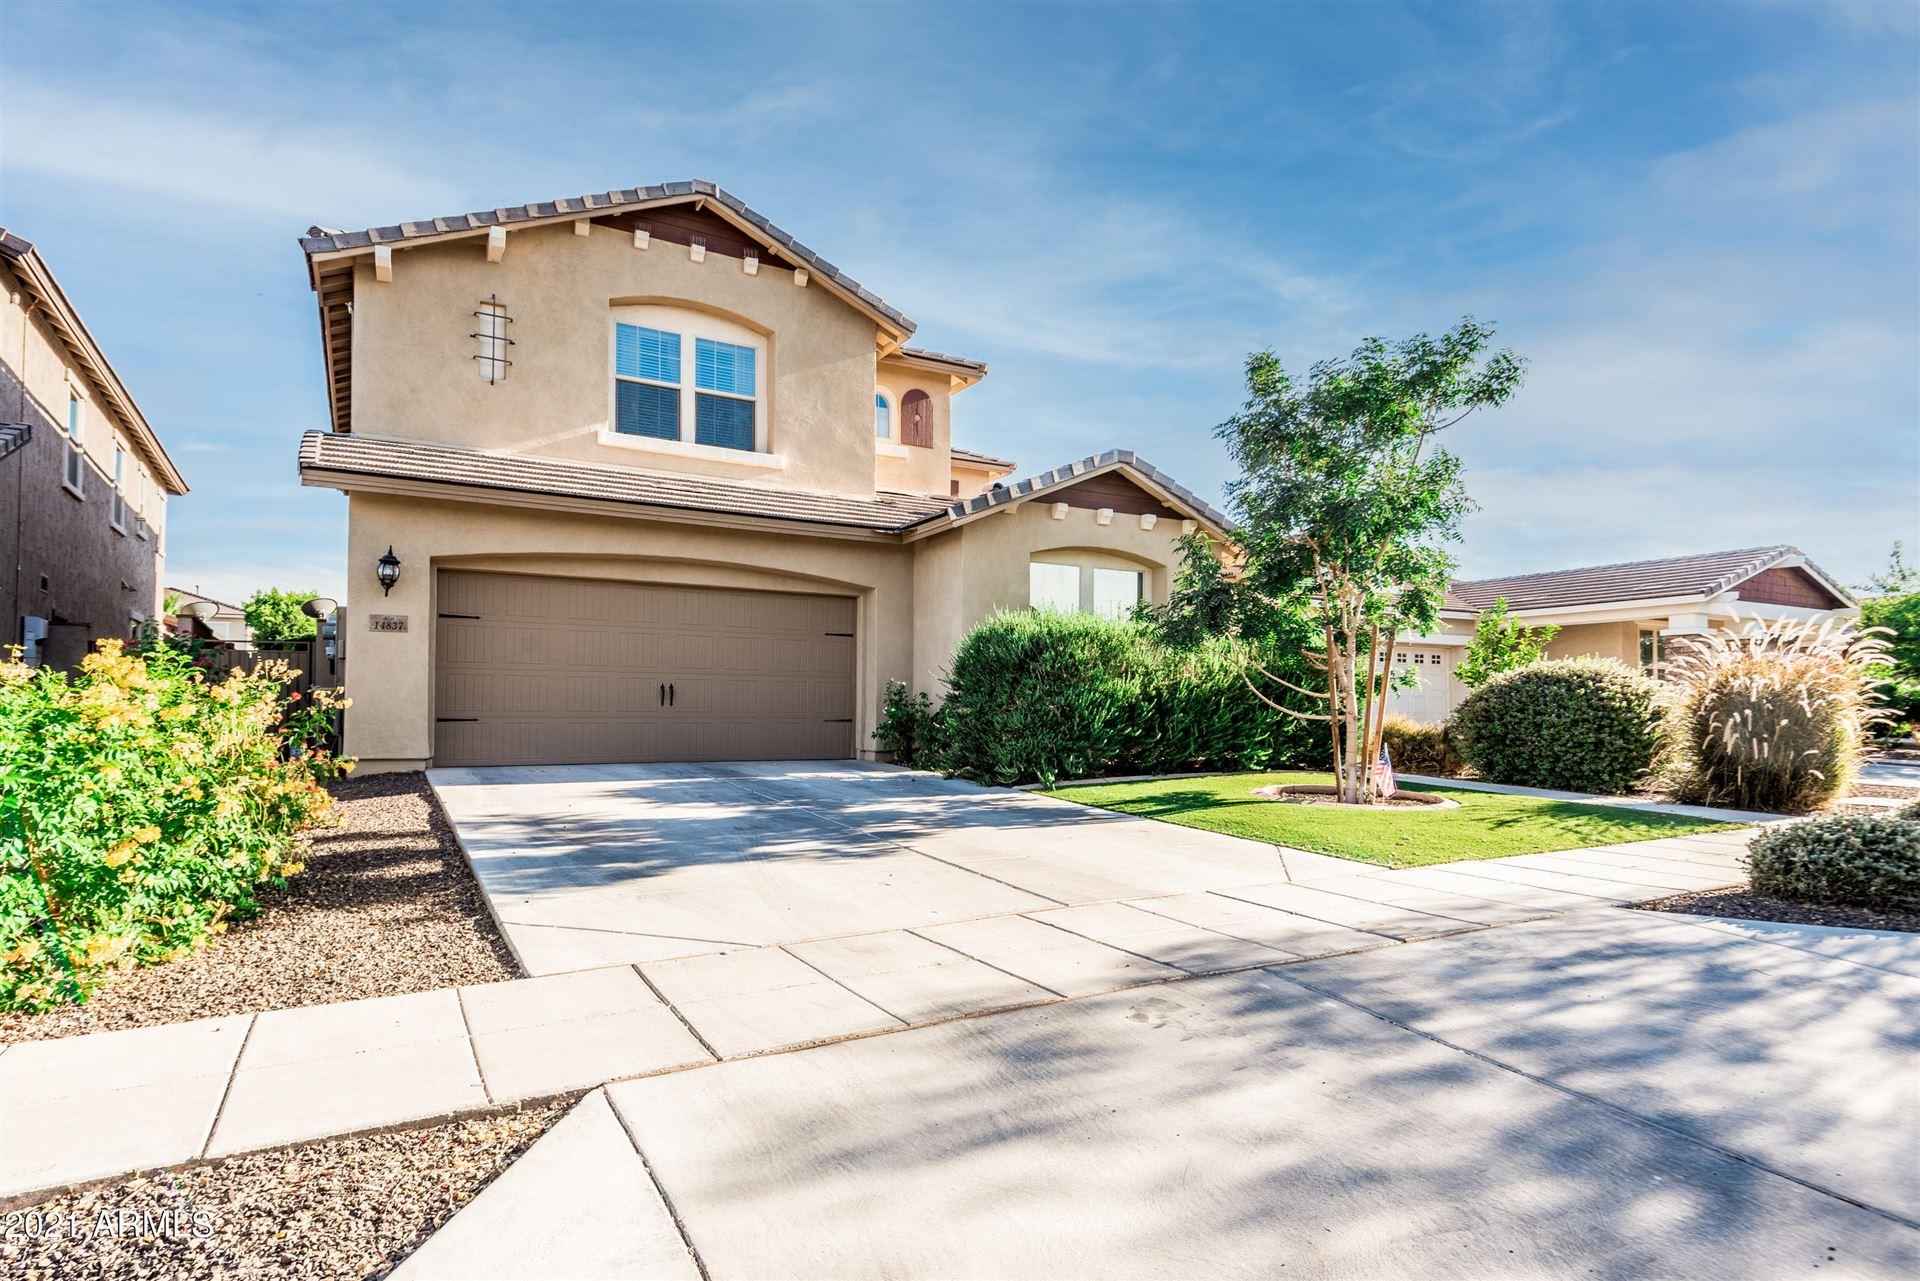 14837 W PERSHING Street, Surprise, AZ 85379 - MLS#: 6250842